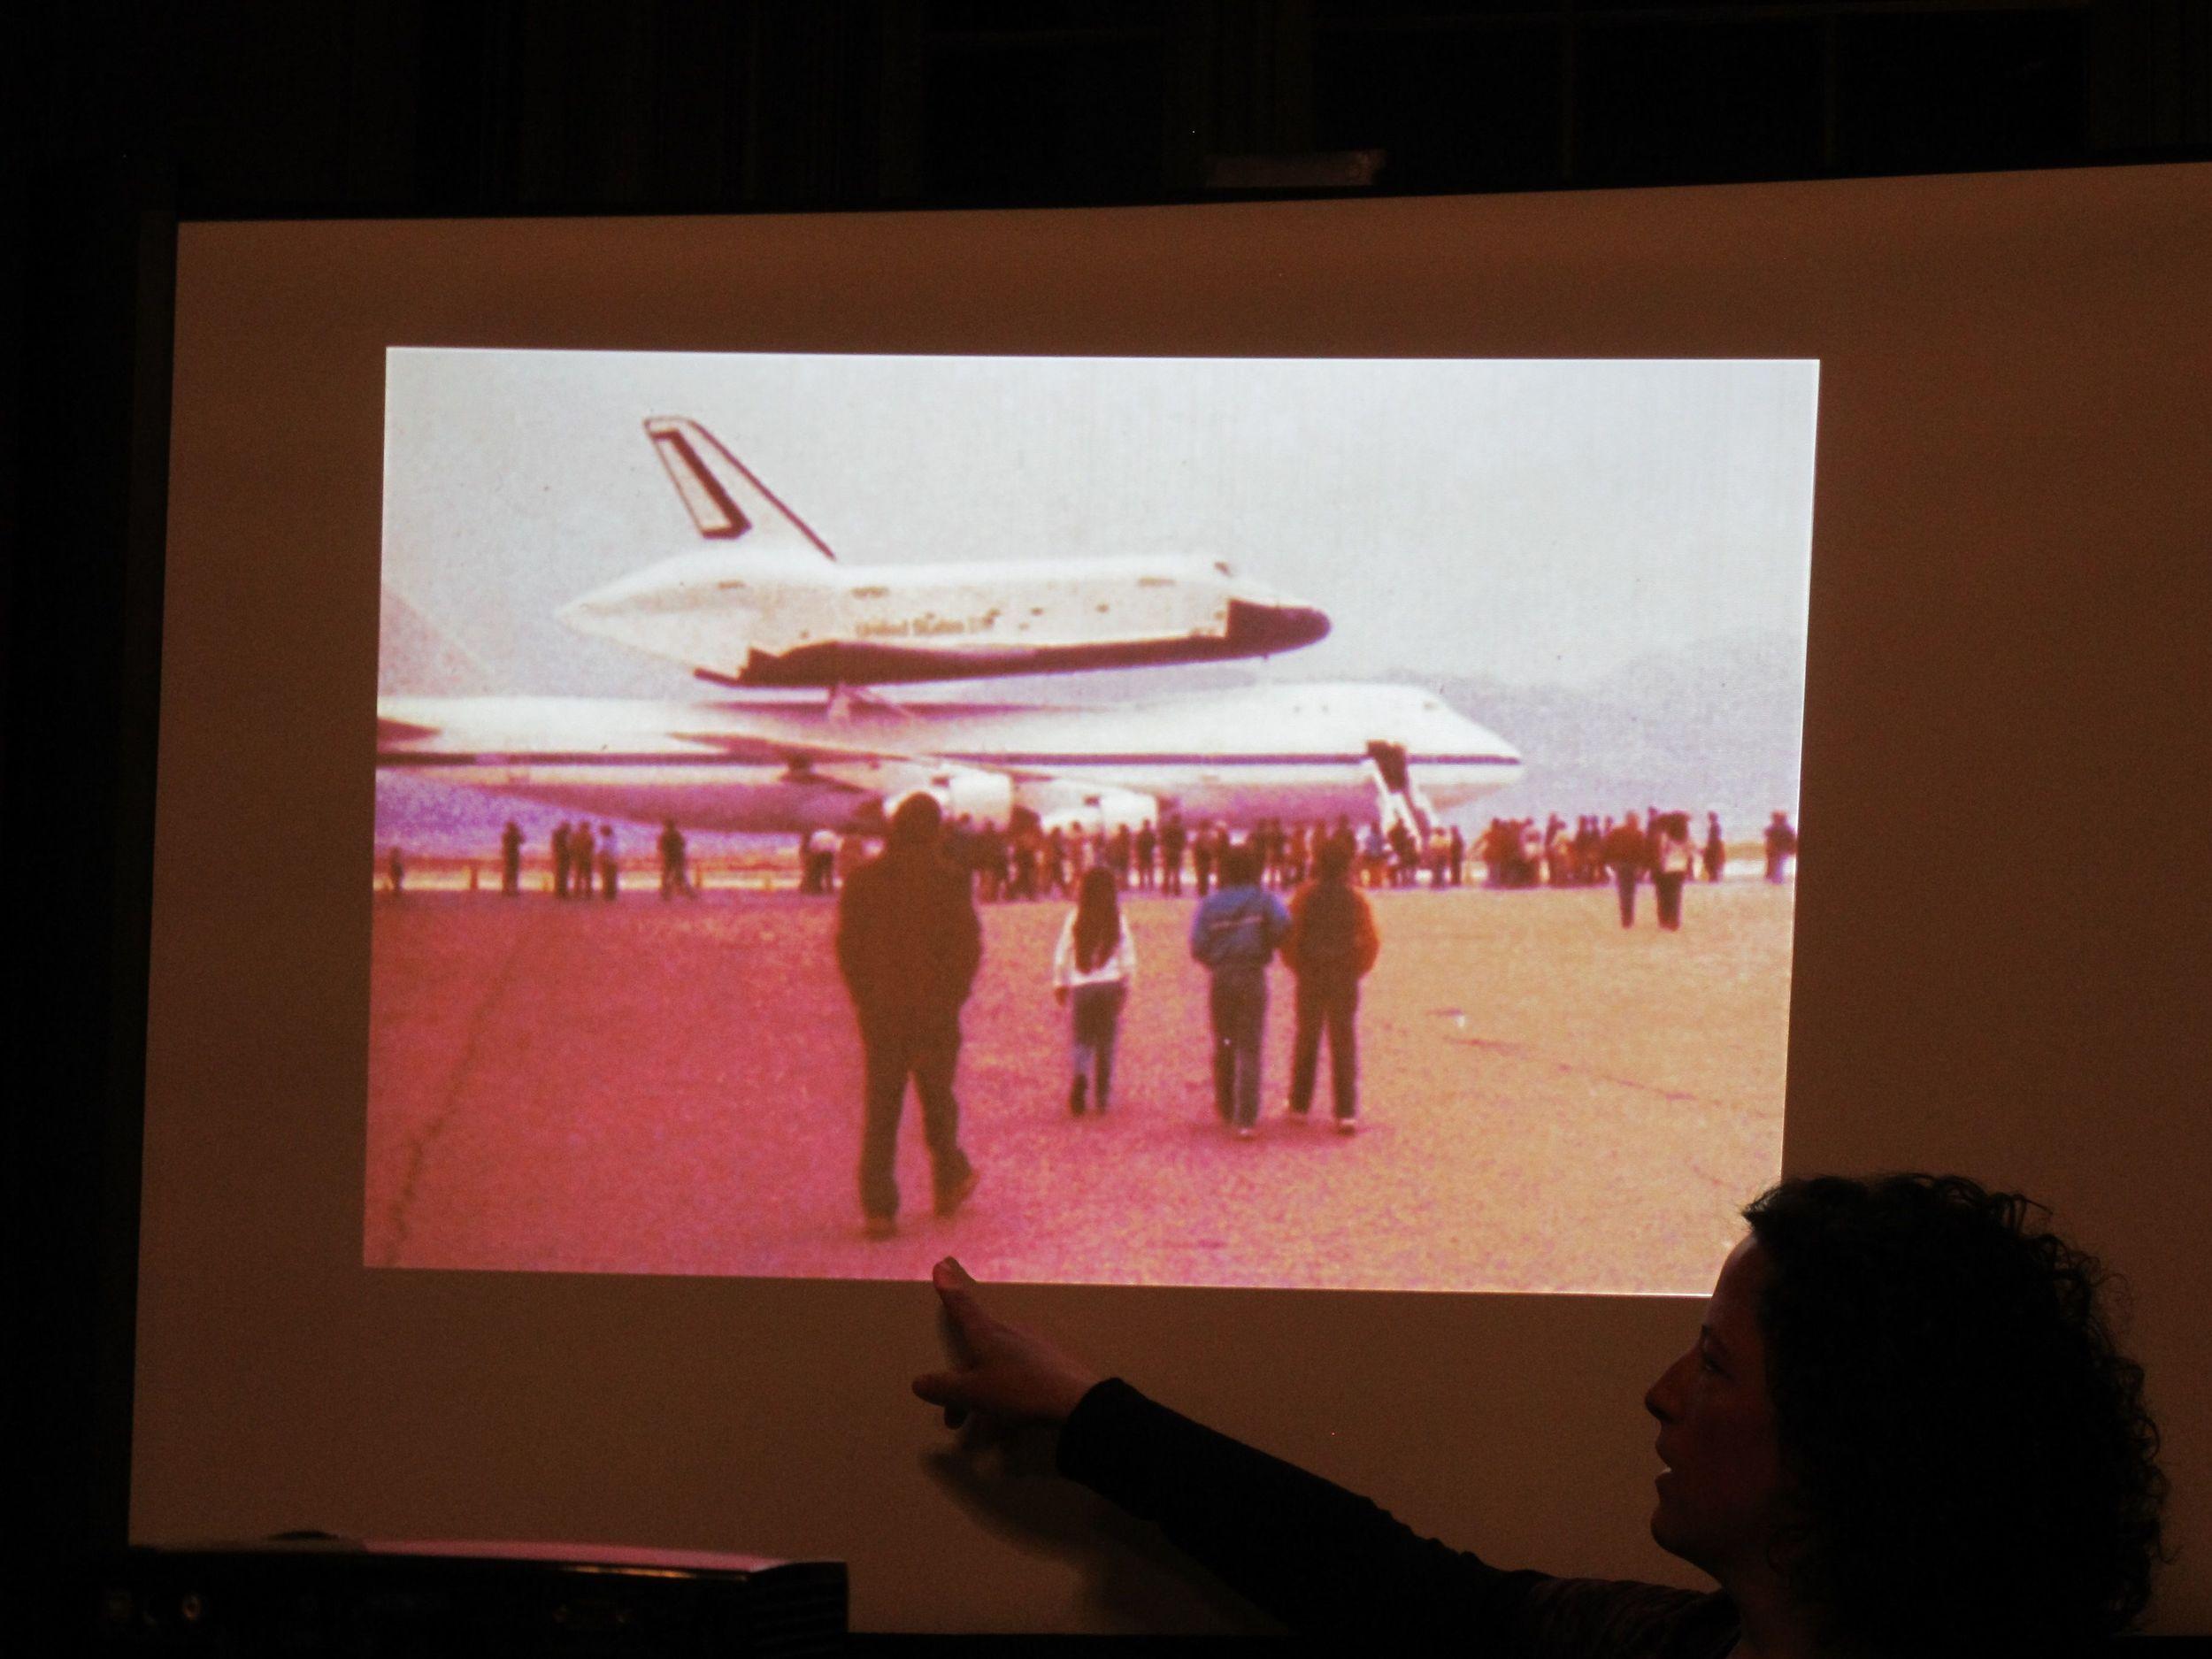 Karen's childhood visit to the  Enterprise shuttle.